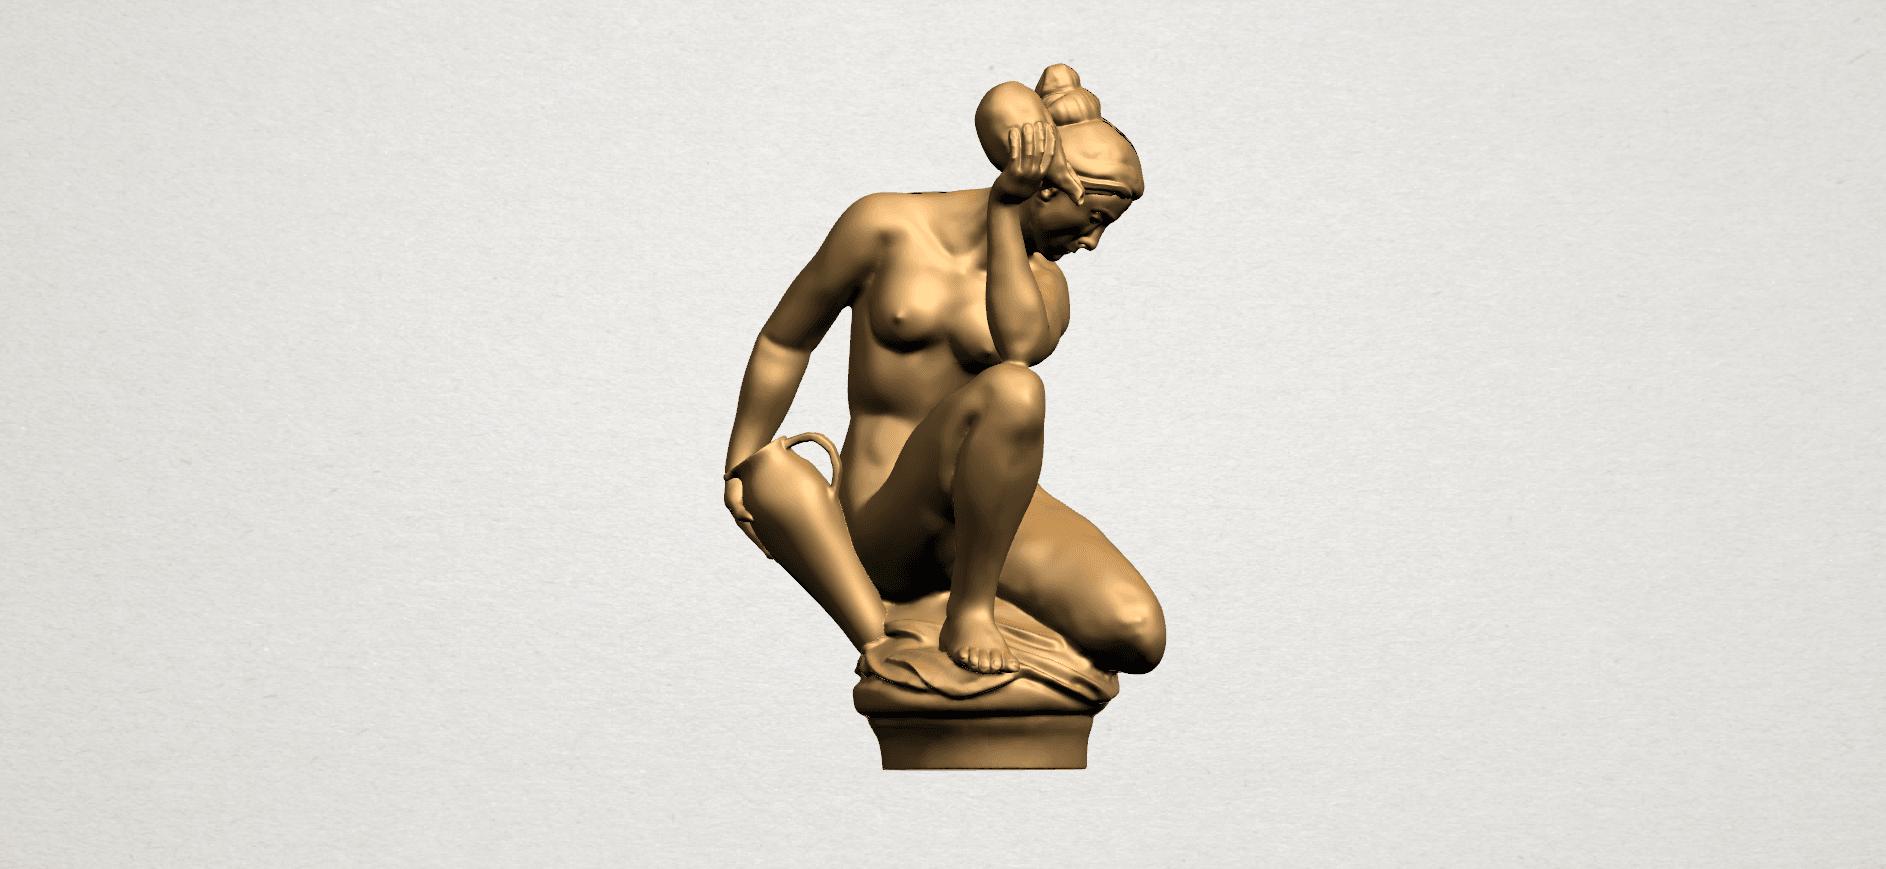 Naked Girl - With Pot - A01.png Télécharger fichier STL gratuit Fille Nue - Avec Pot • Modèle à imprimer en 3D, GeorgesNikkei